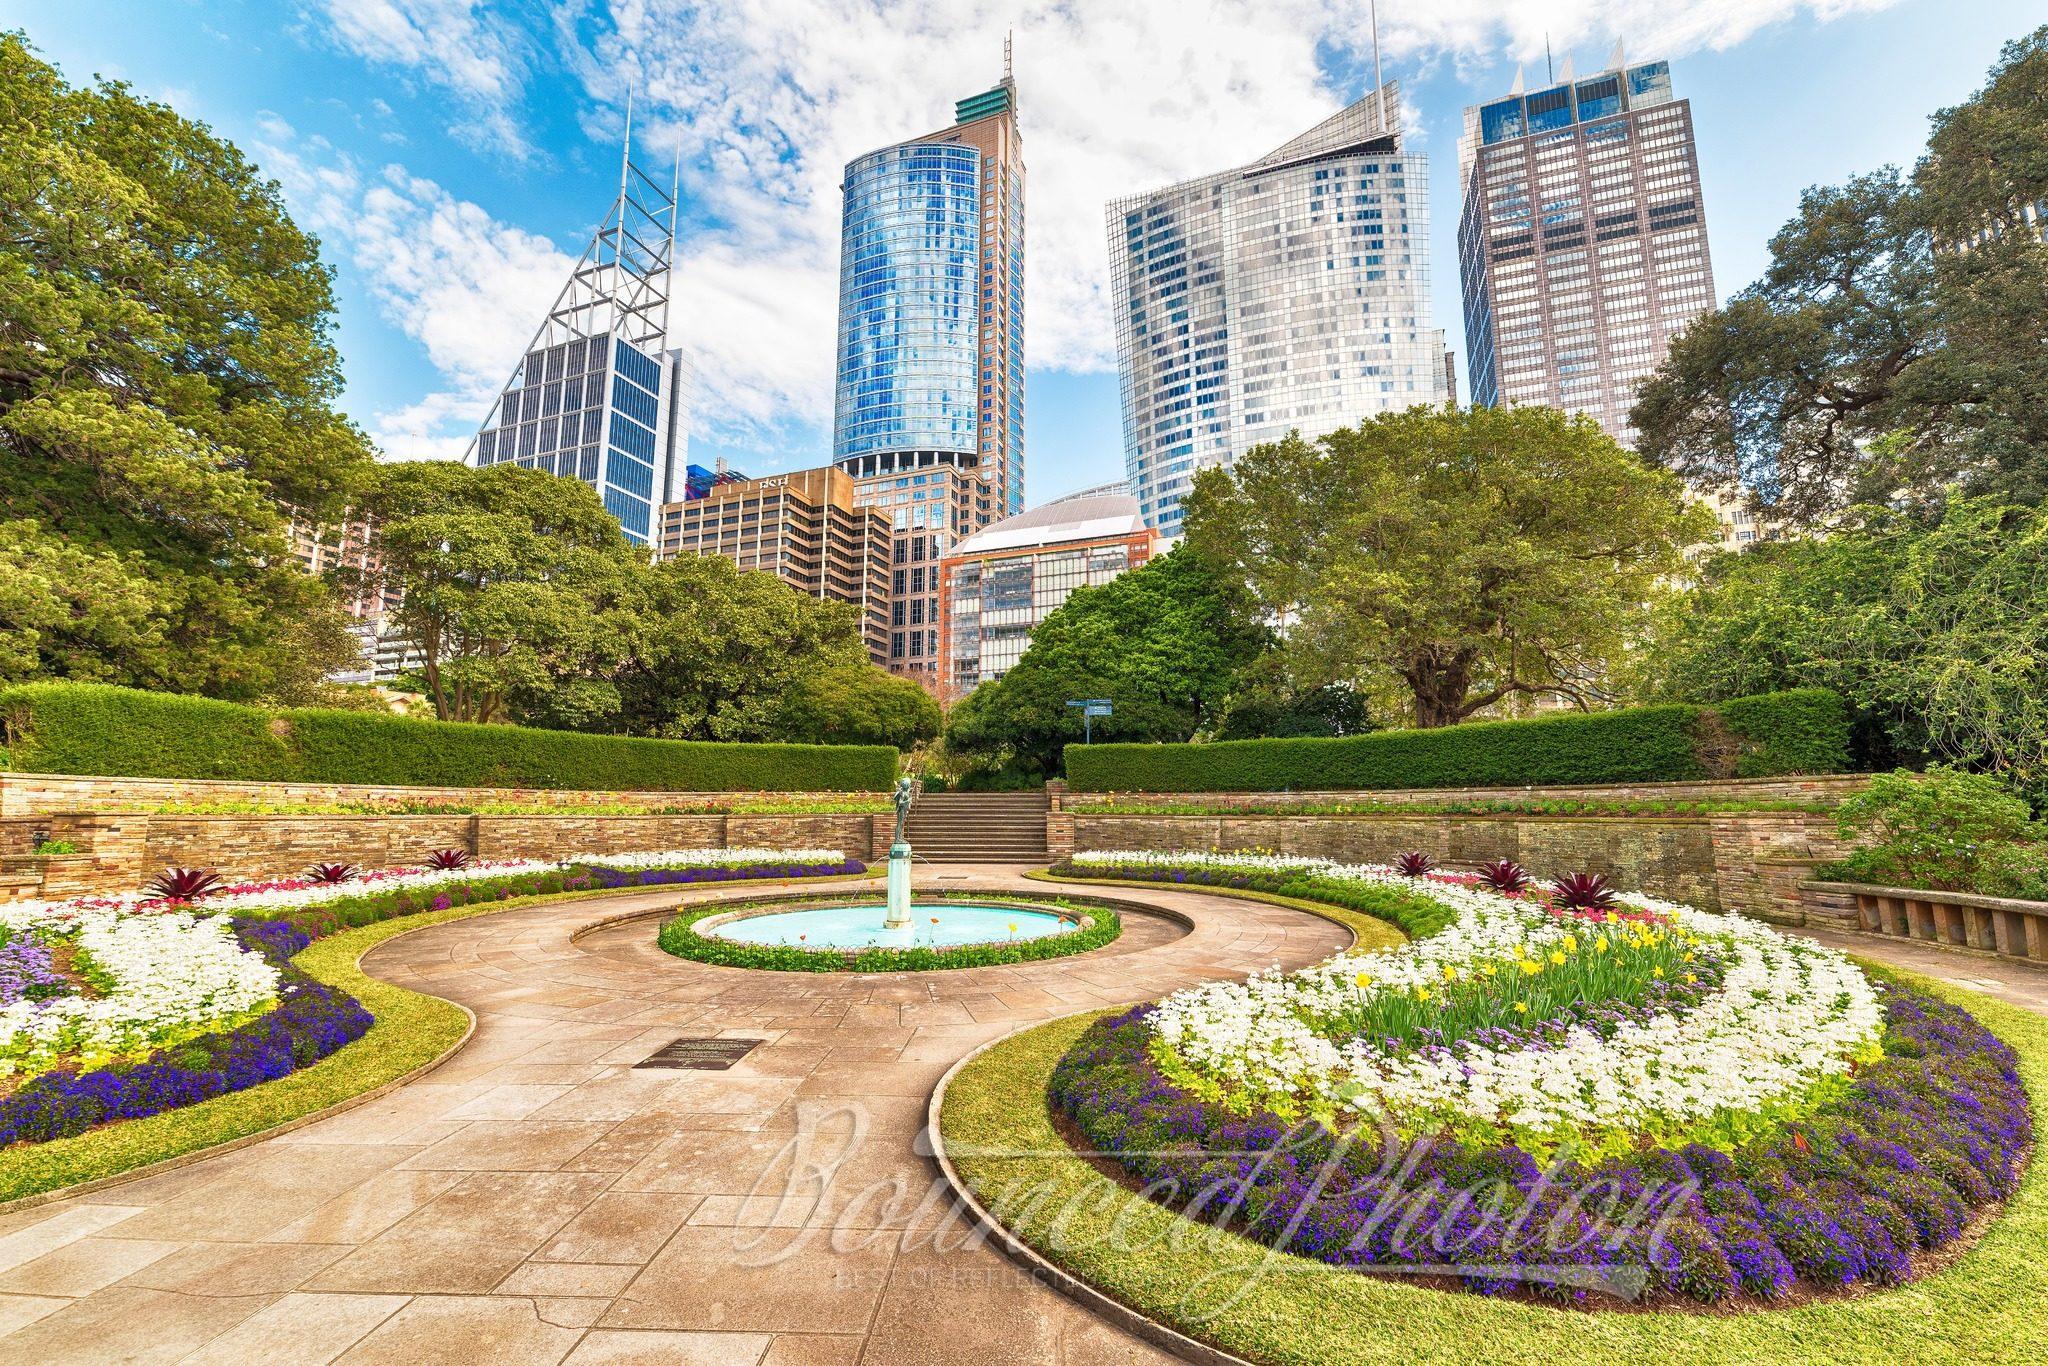 Royal Botanic Garden, Sydney, Australia